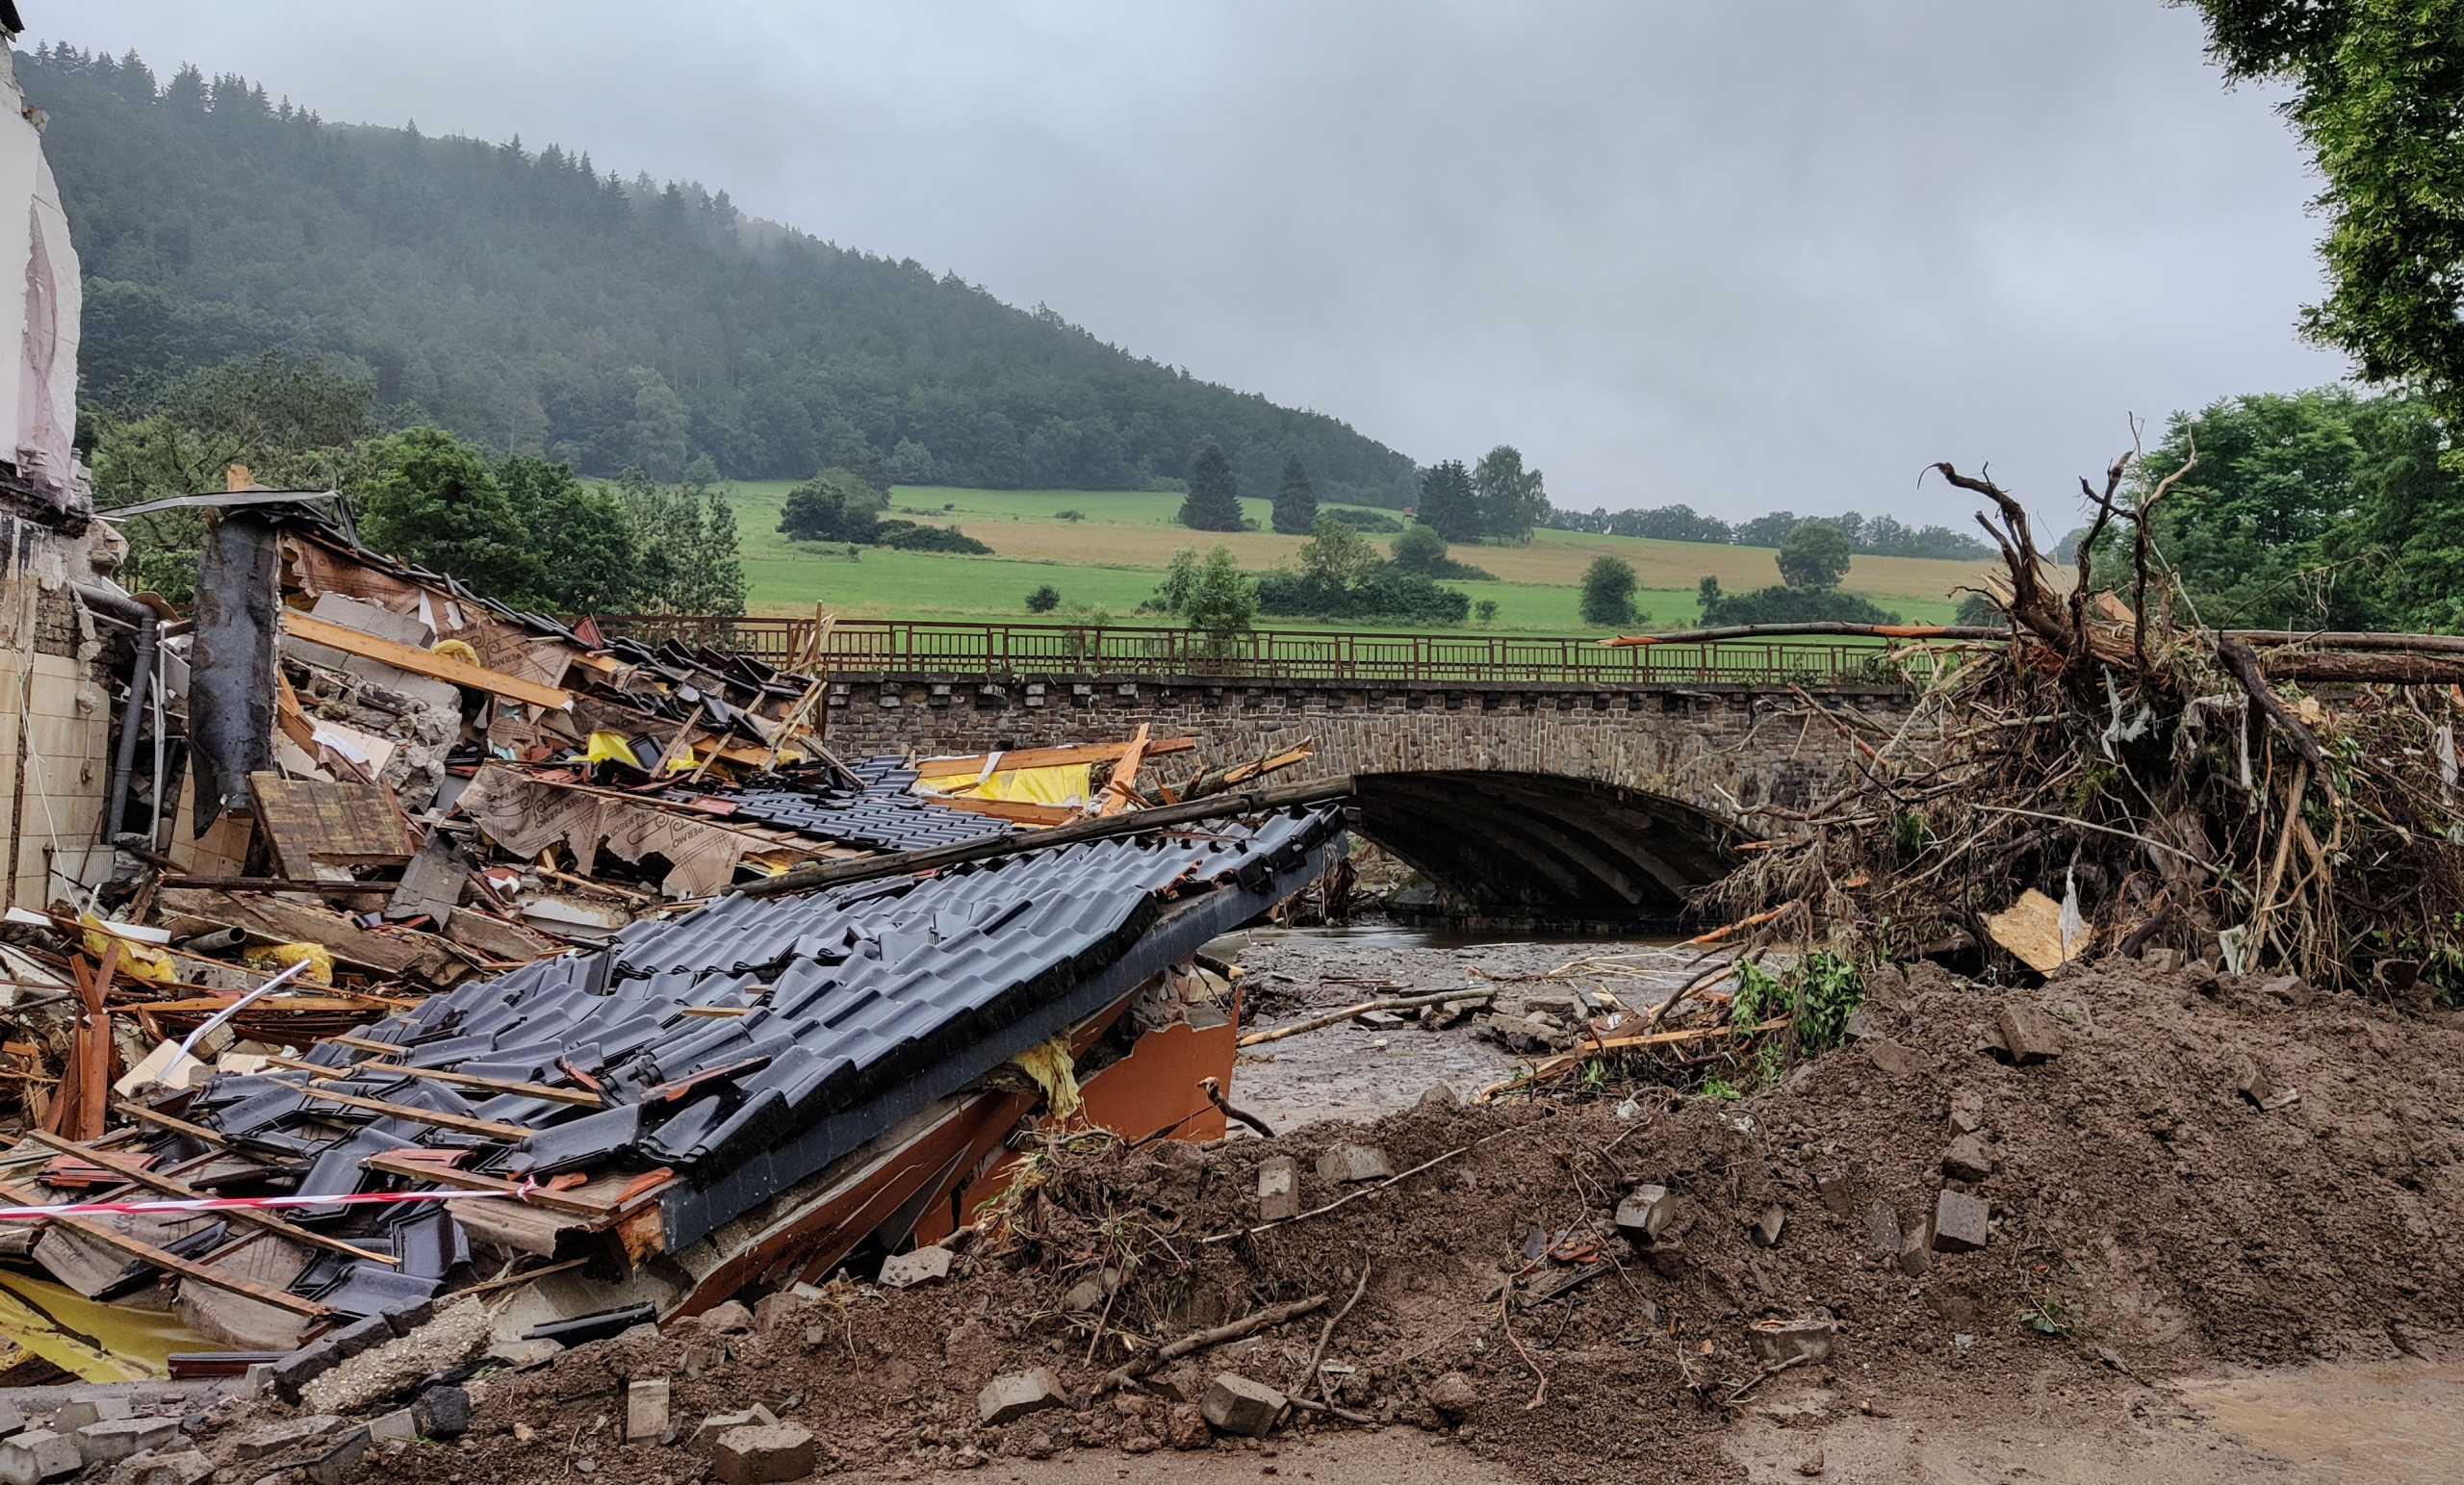 Γερμανία: 103 οι νεκροί από τις φονικές πλημμύρες – Και νέα μεγάλη κατολίσθηση στην Κολωνία